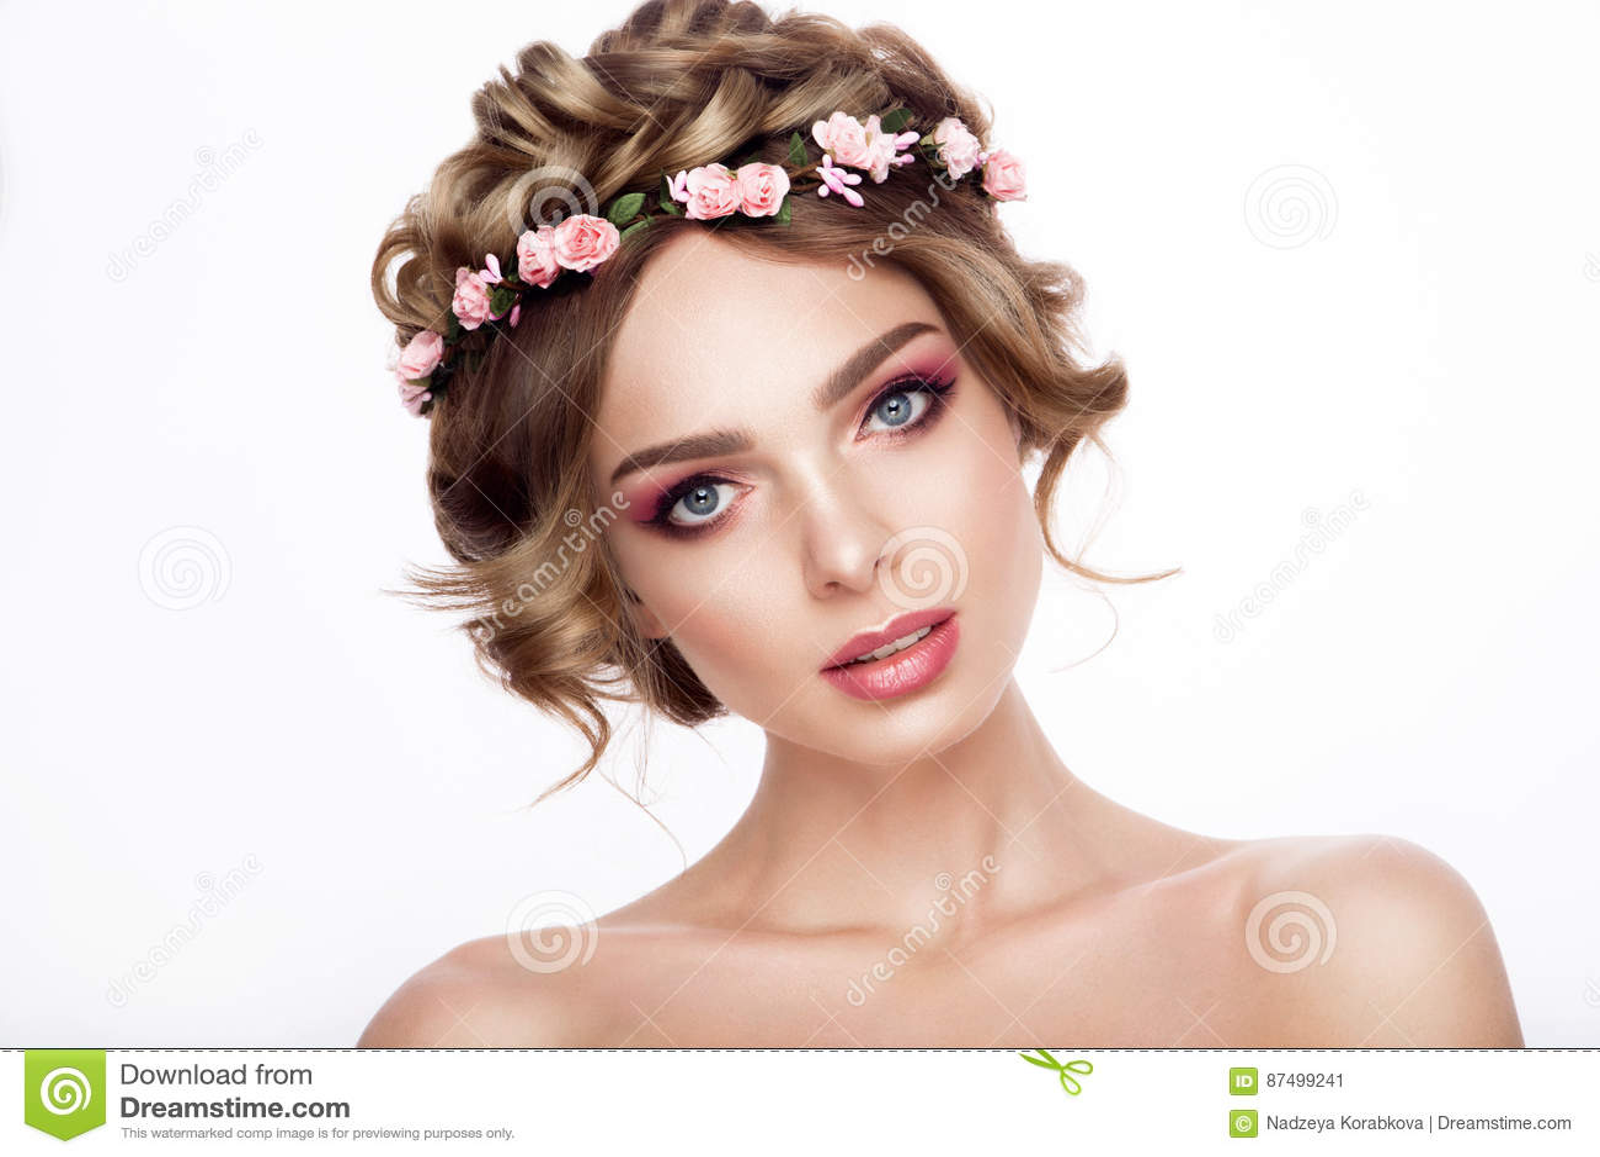 Mode Schonheits Modell Girl Mit Dem Blumen Haar Braut Perfekte